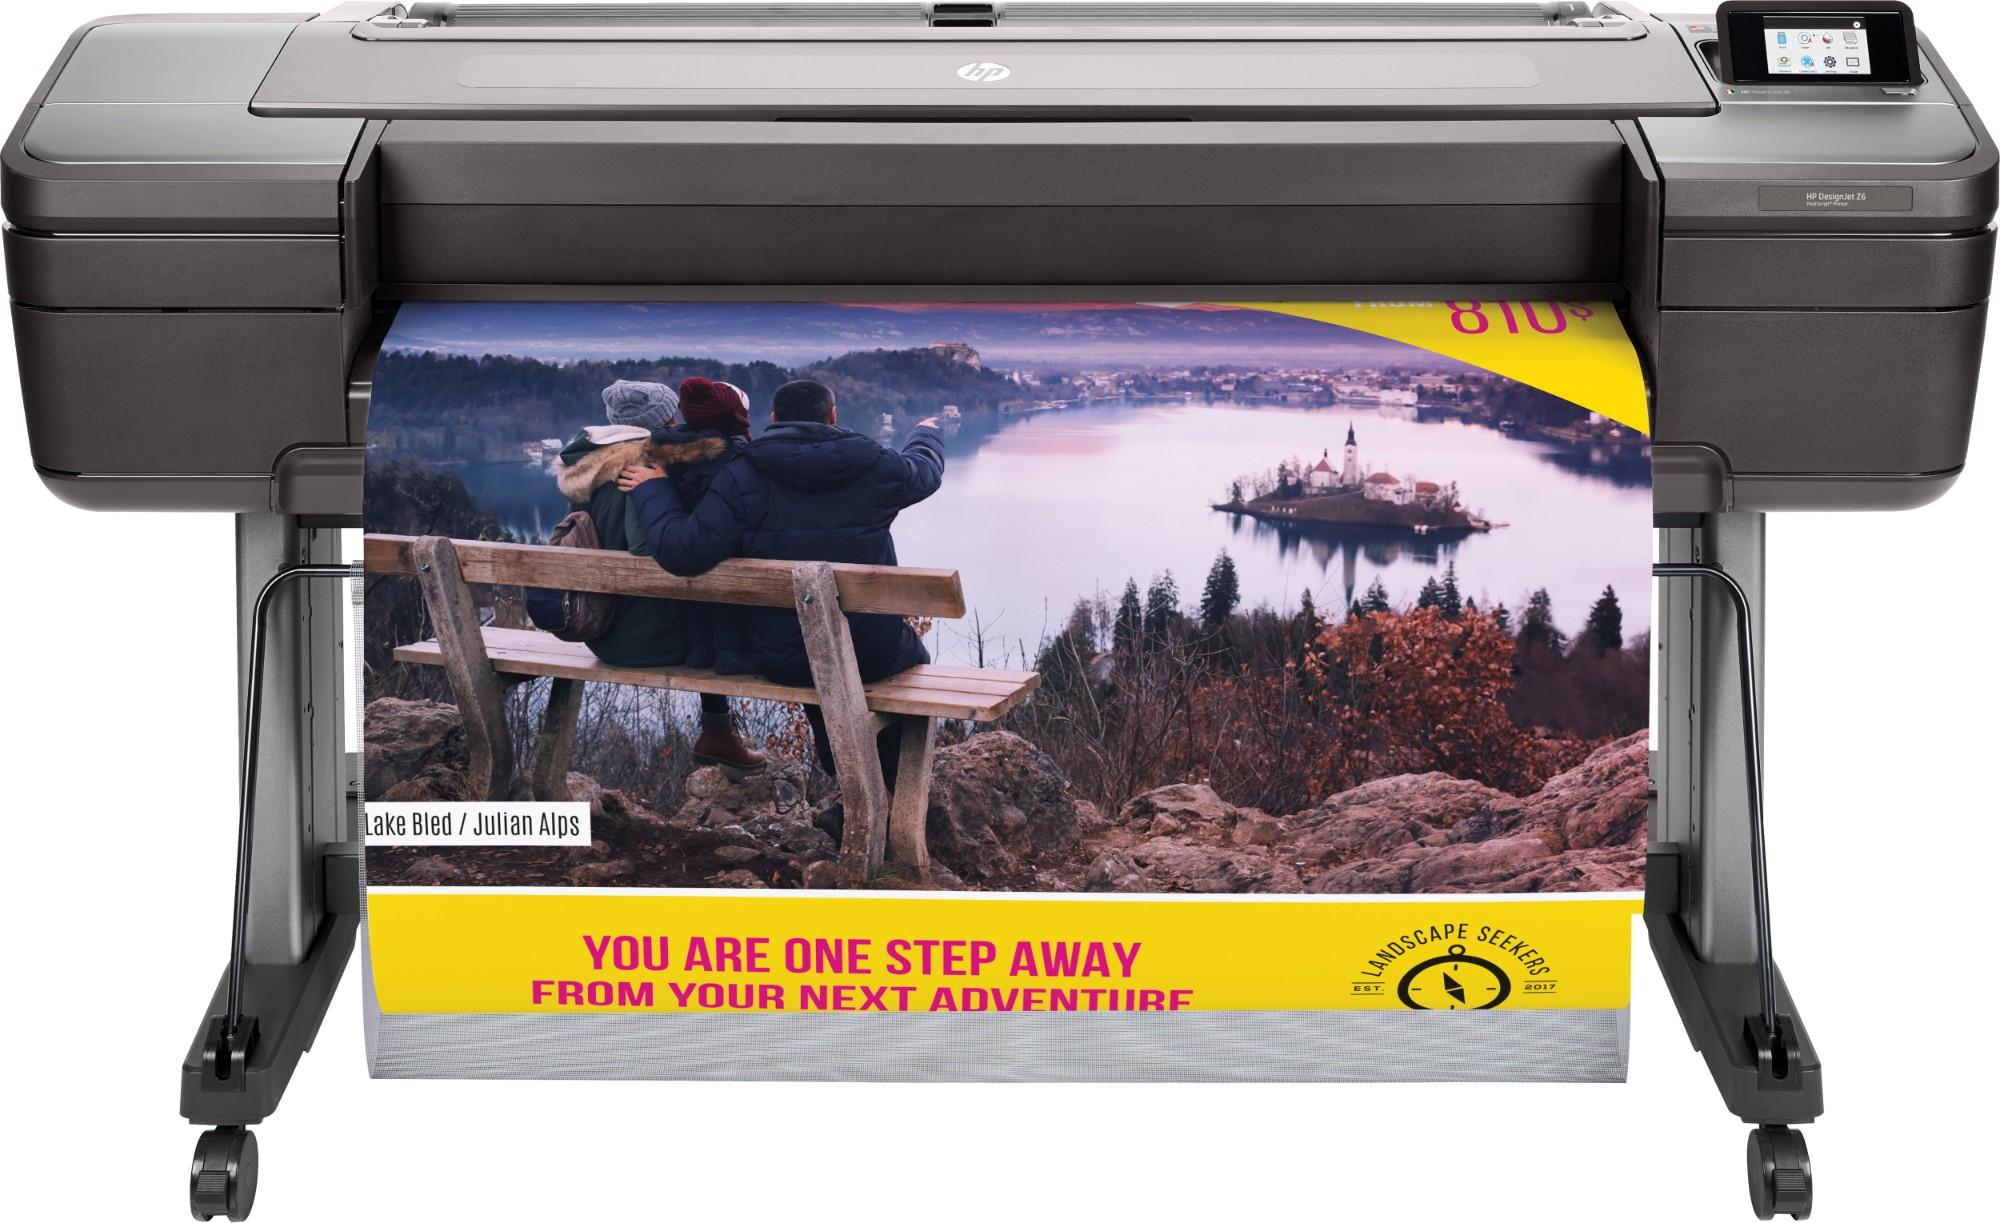 HP Designjet Z6 44-in PostScript Printer large format printer Thermal inkjet Colour 2400 x 1200 DPI